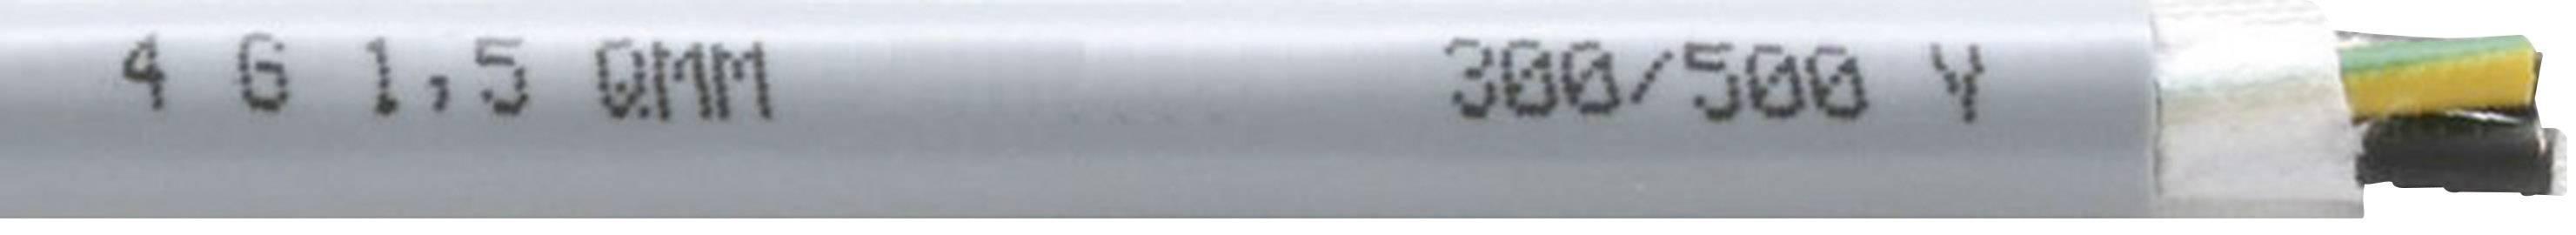 Tažný kabel Faber Kabel EFK 310 Y 310 UL/CSA-SCHLEPPLTG.PVC/PVC (035427), 7x 0,5 mm², PVC, Ø 9,1 mm, nestíněný